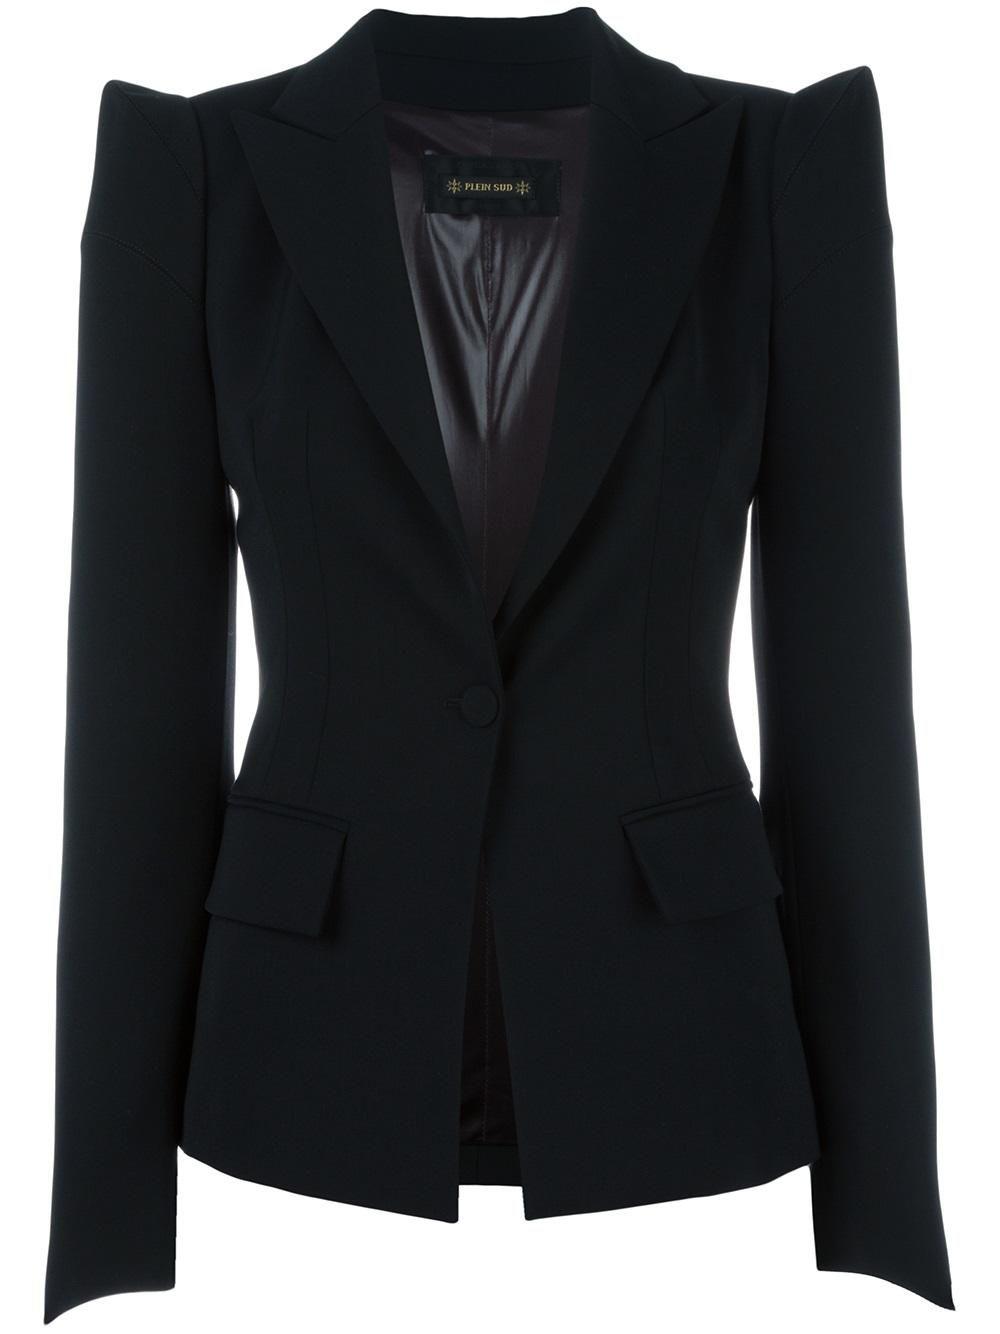 Plein Sud Pointy Shoulders Blazer Blazer Designs Blazer Blazers For Women [ 1334 x 1000 Pixel ]